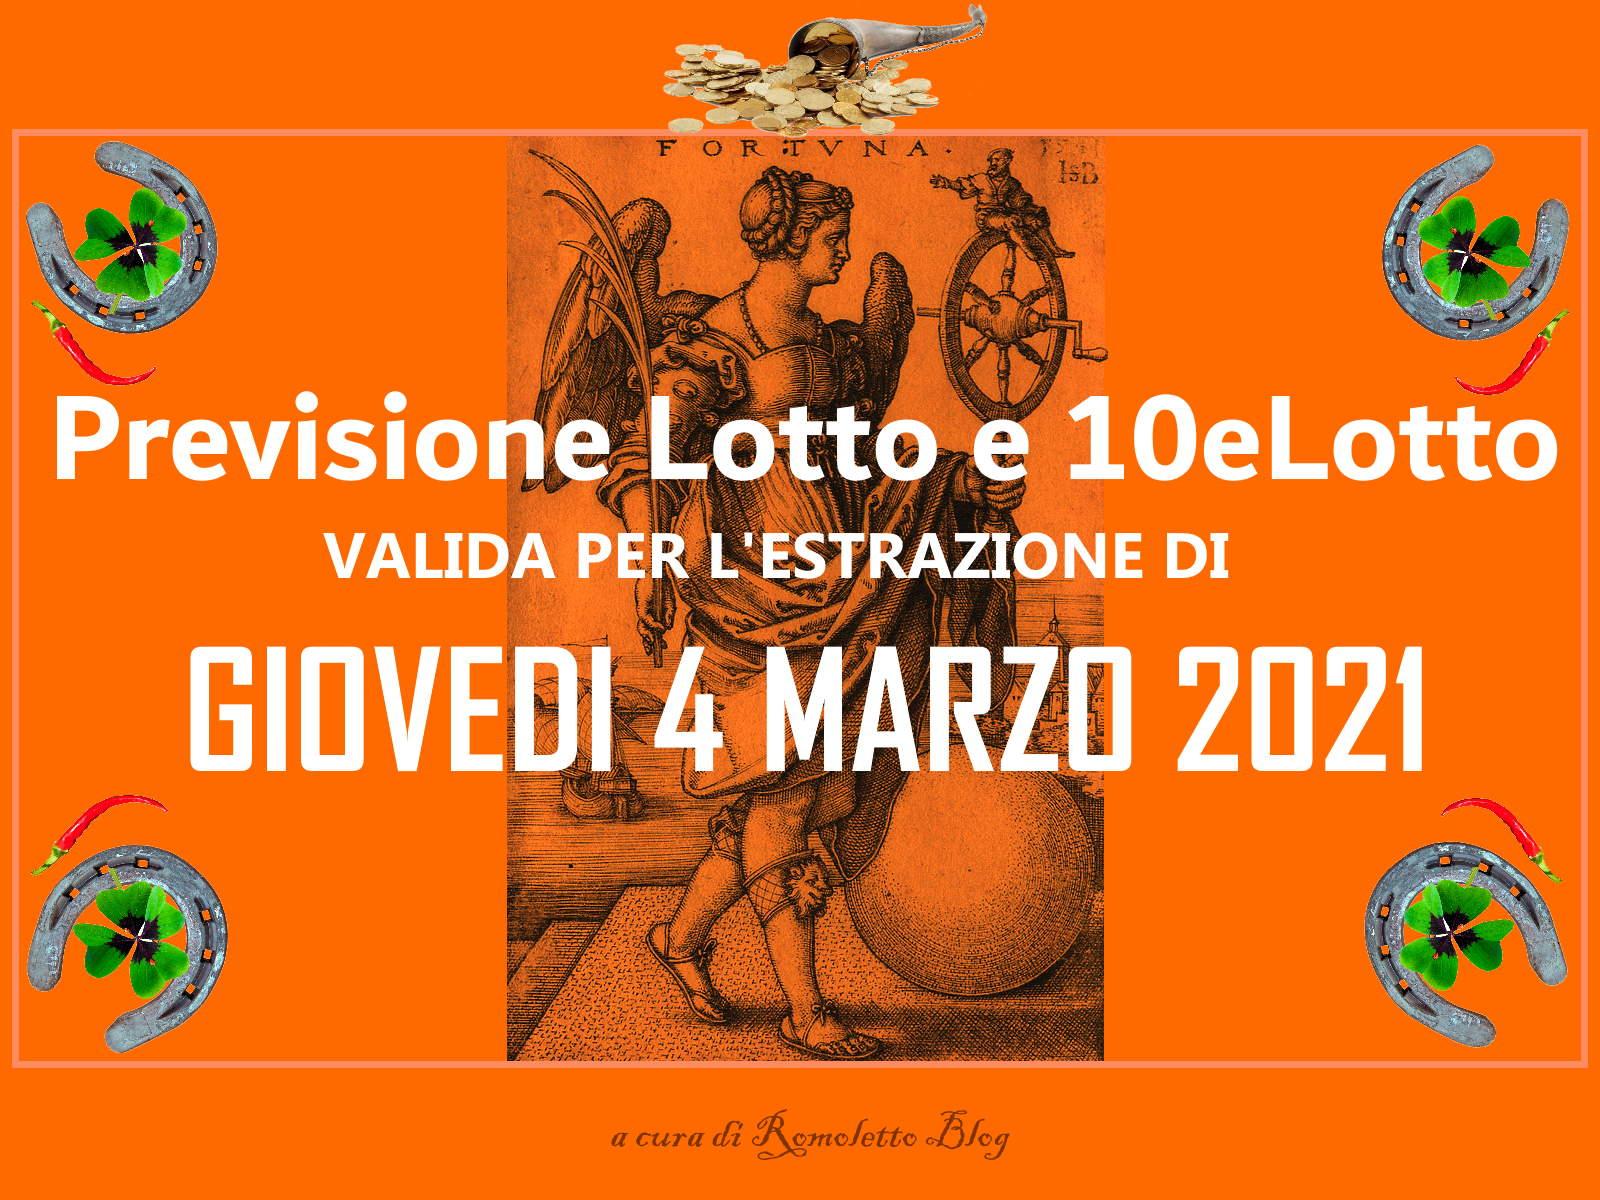 Previsione Lotto 4 Marzo 2021